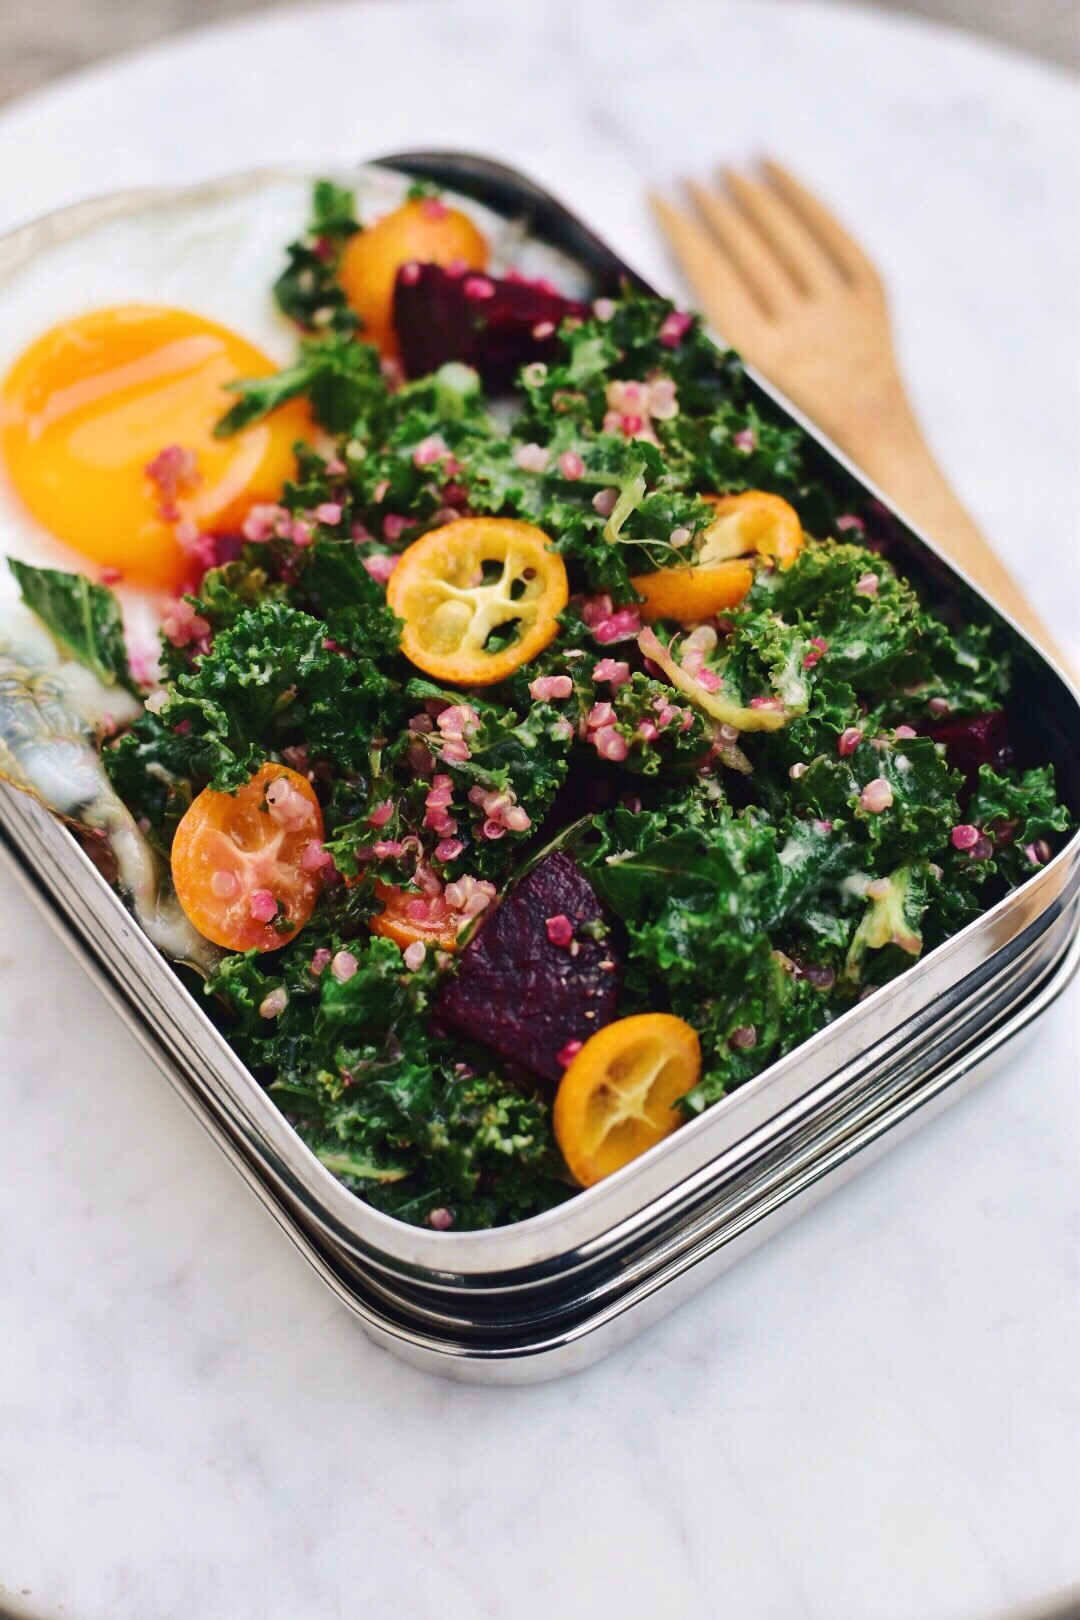 lunchboxkalesalad.JPG